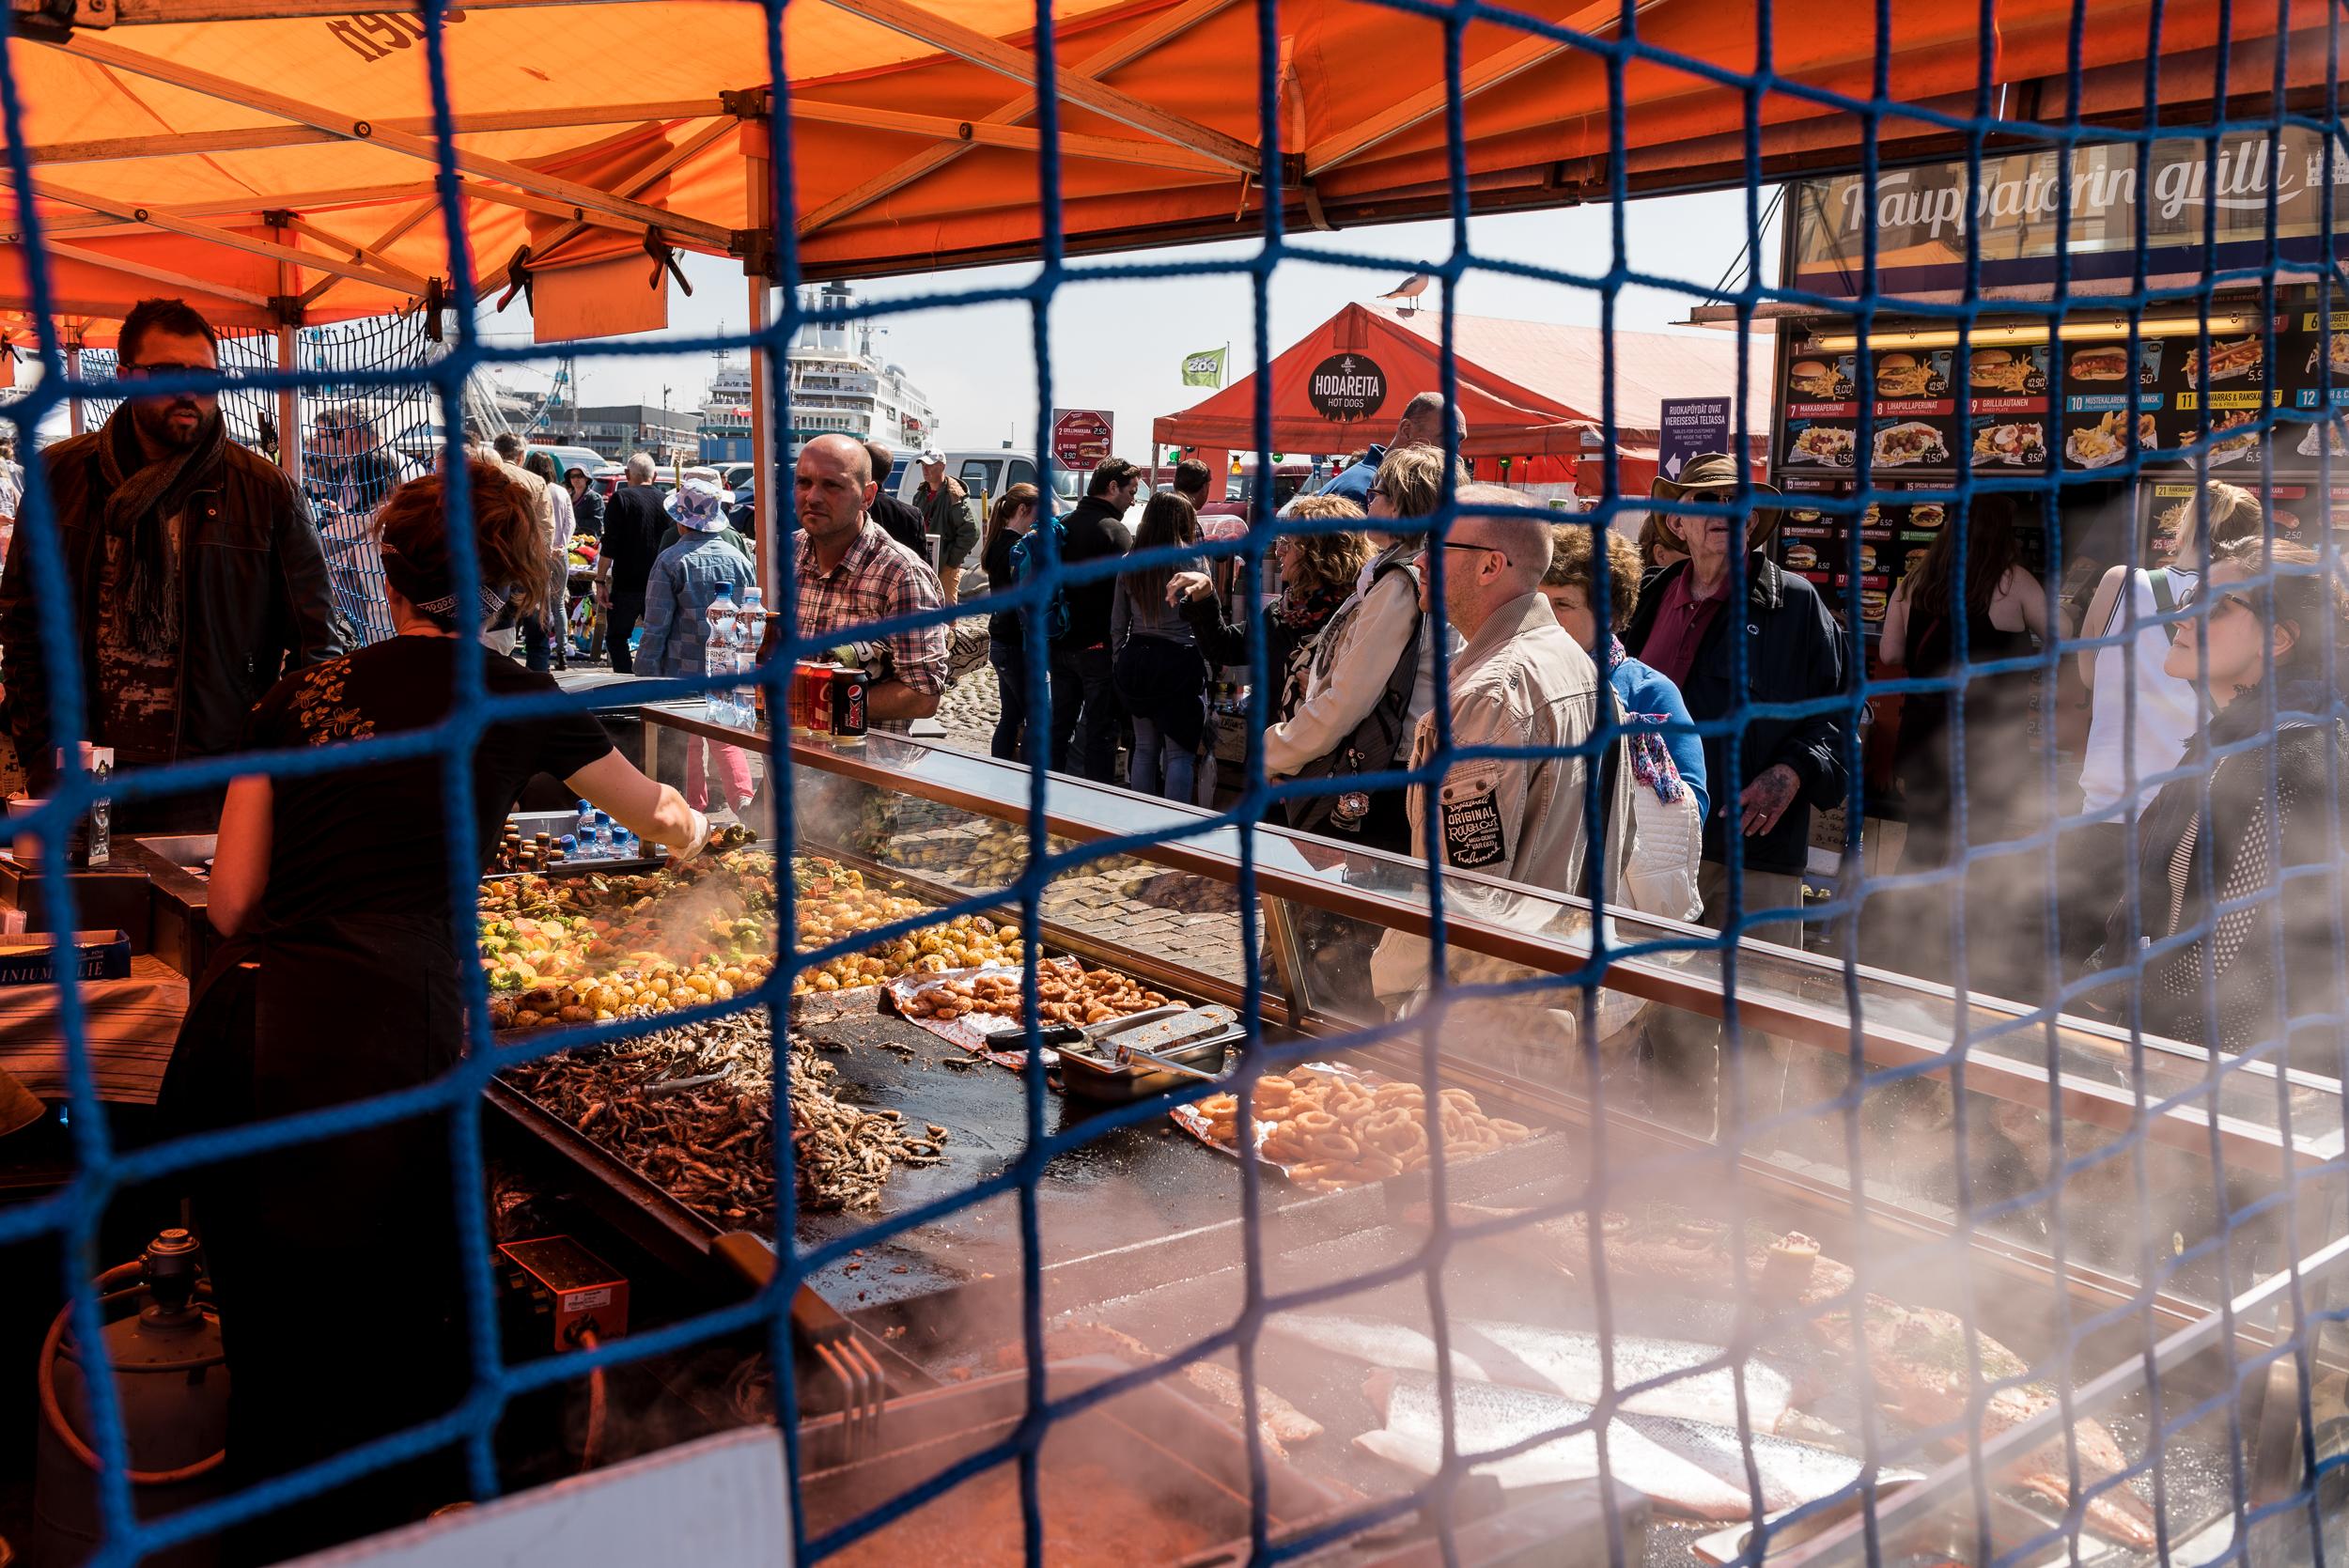 Market in Helsinki, Finnland